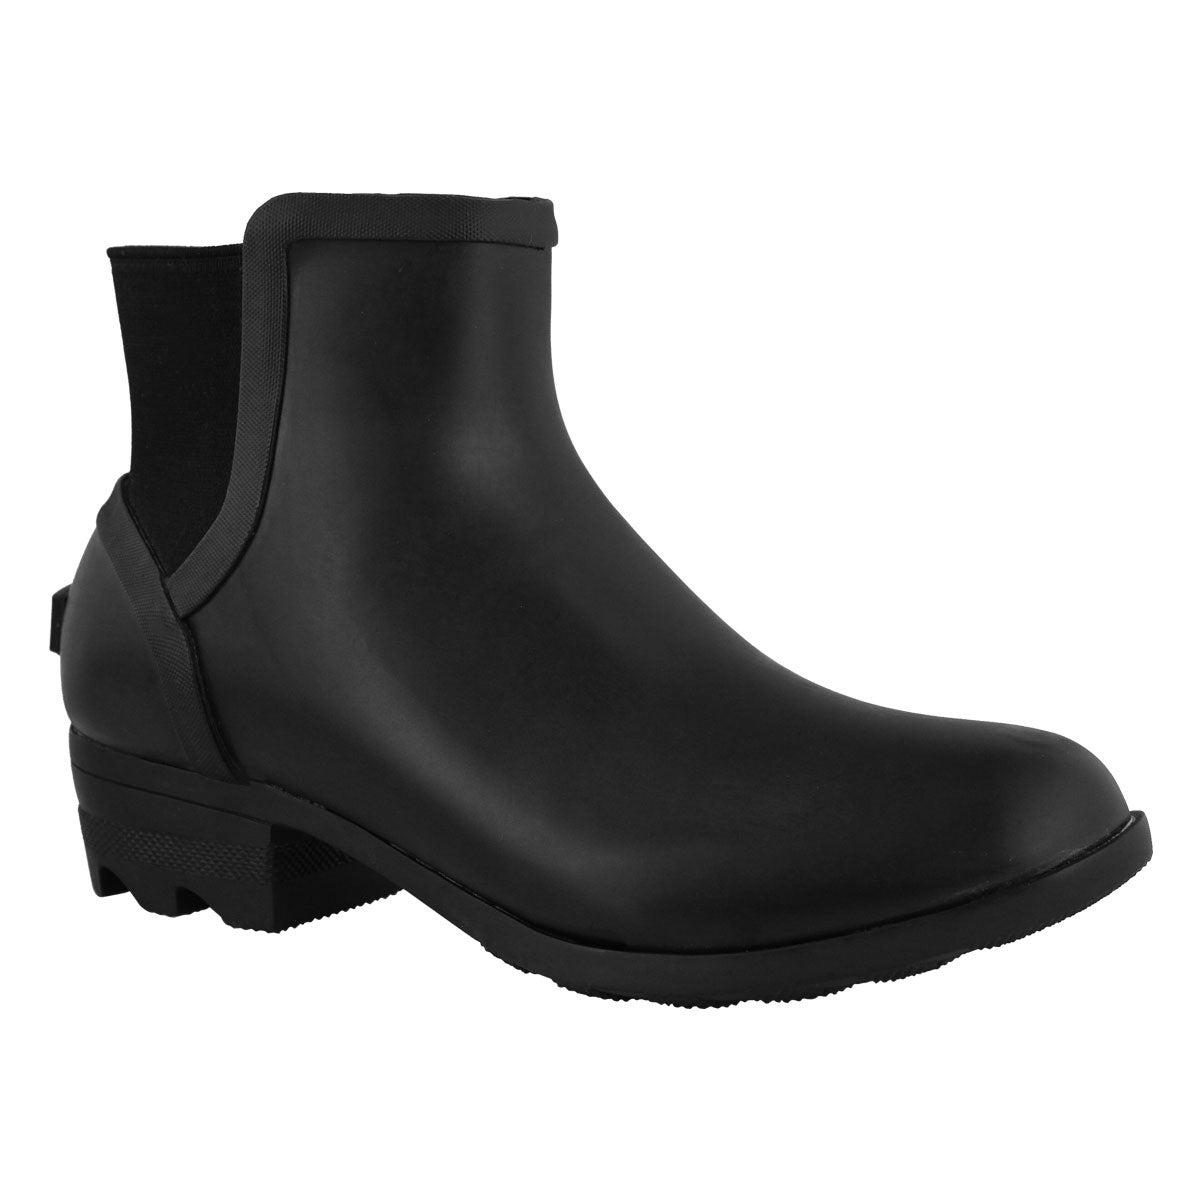 Lds Janey Chelsea black wtrpf rain boot